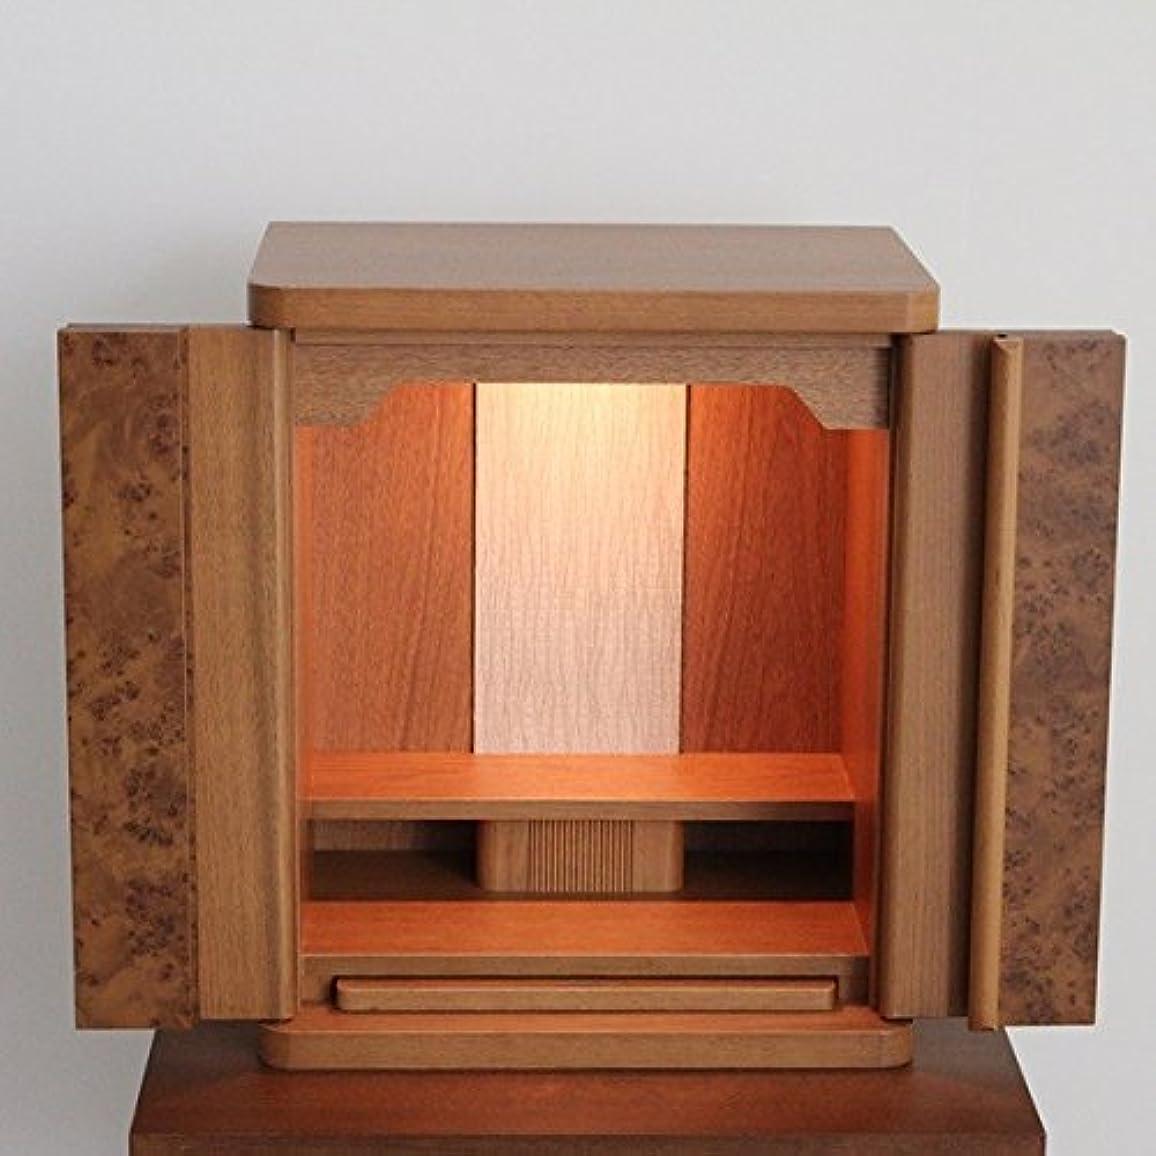 植生ペチュランススワップ仏壇 国産 14号 家具調モダン仏壇 小型 クルミ総張材 玉木仕上げ